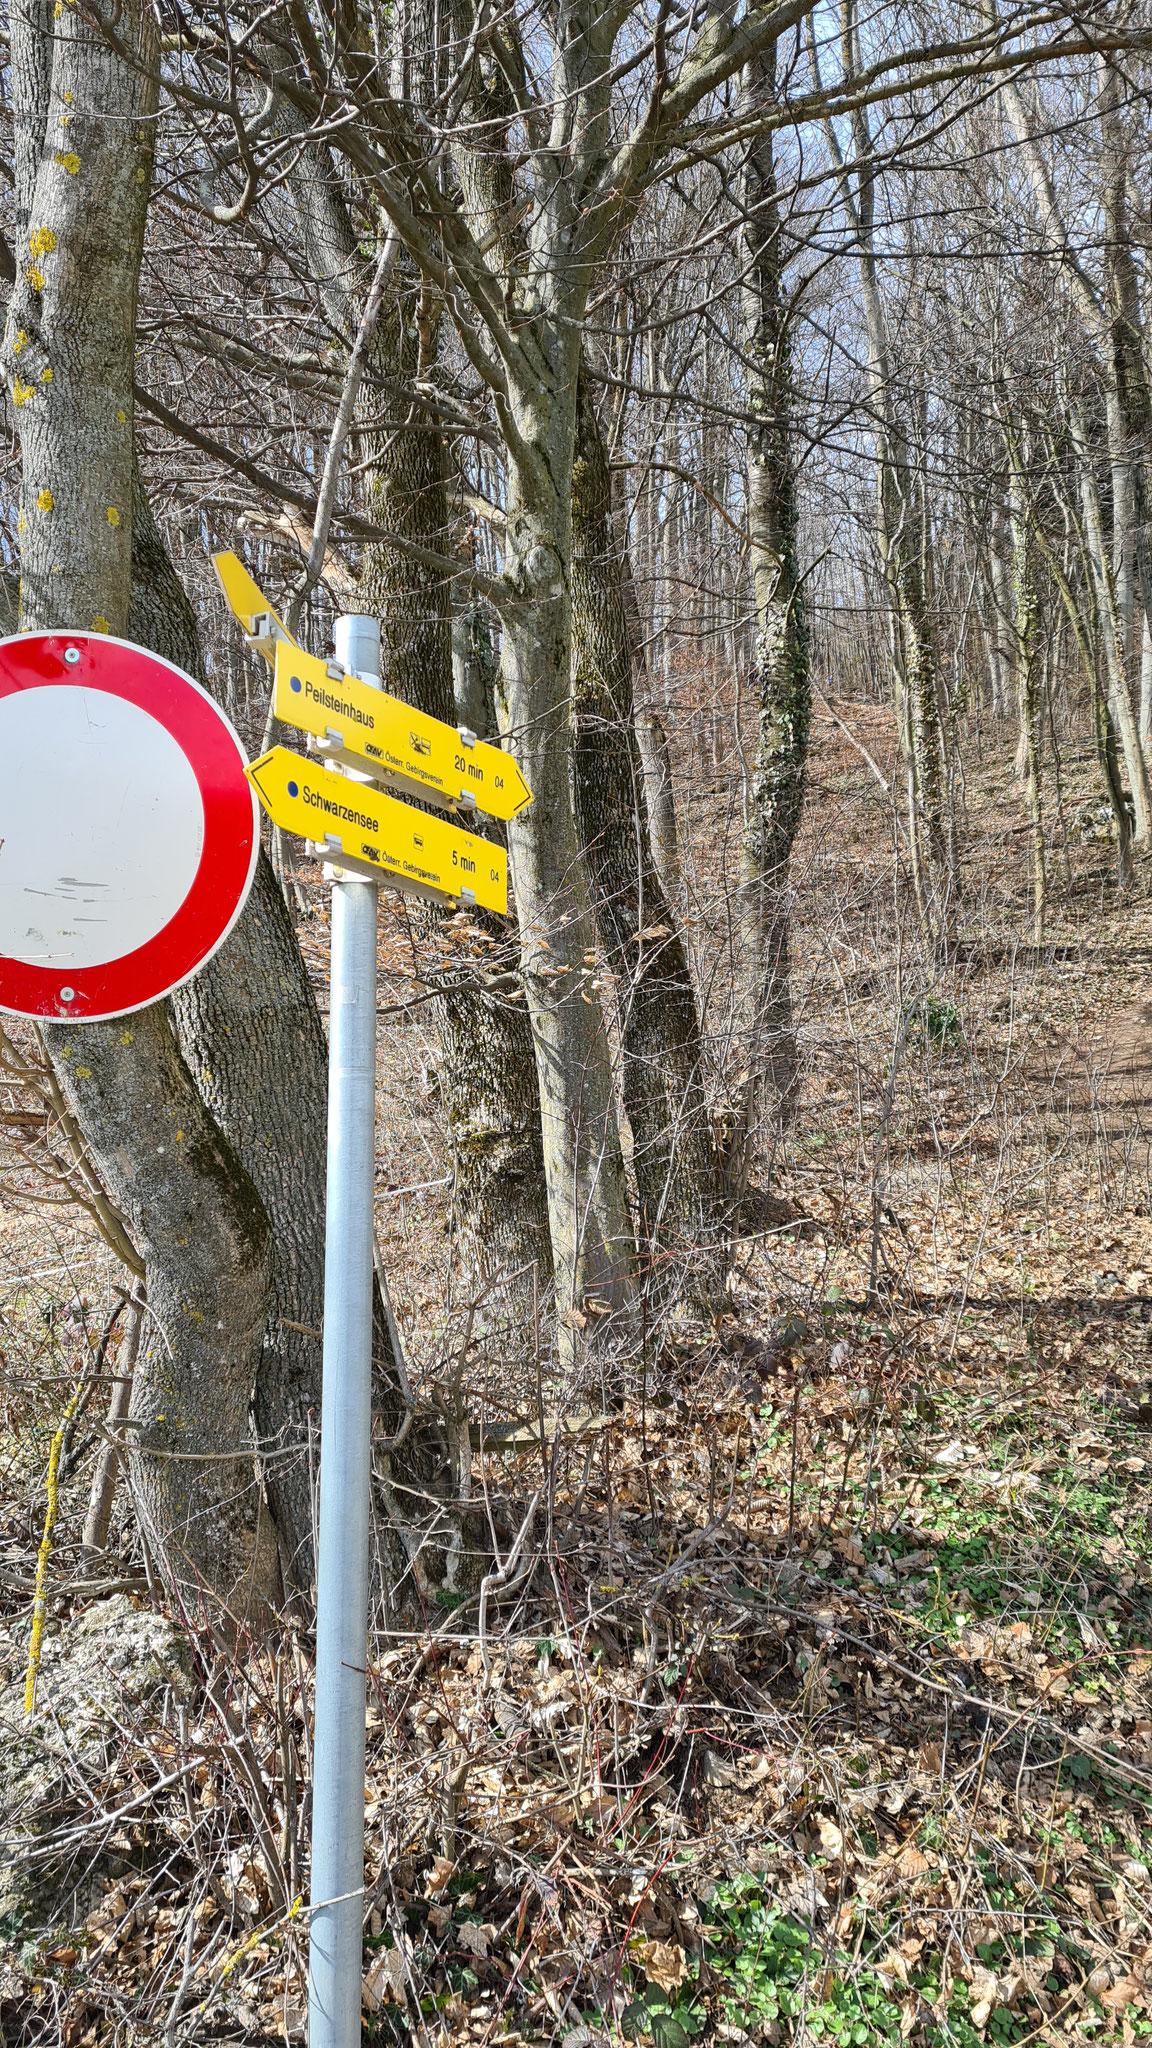 Gabelung rechts direkt durch den Wald, links entlang des Forstweges